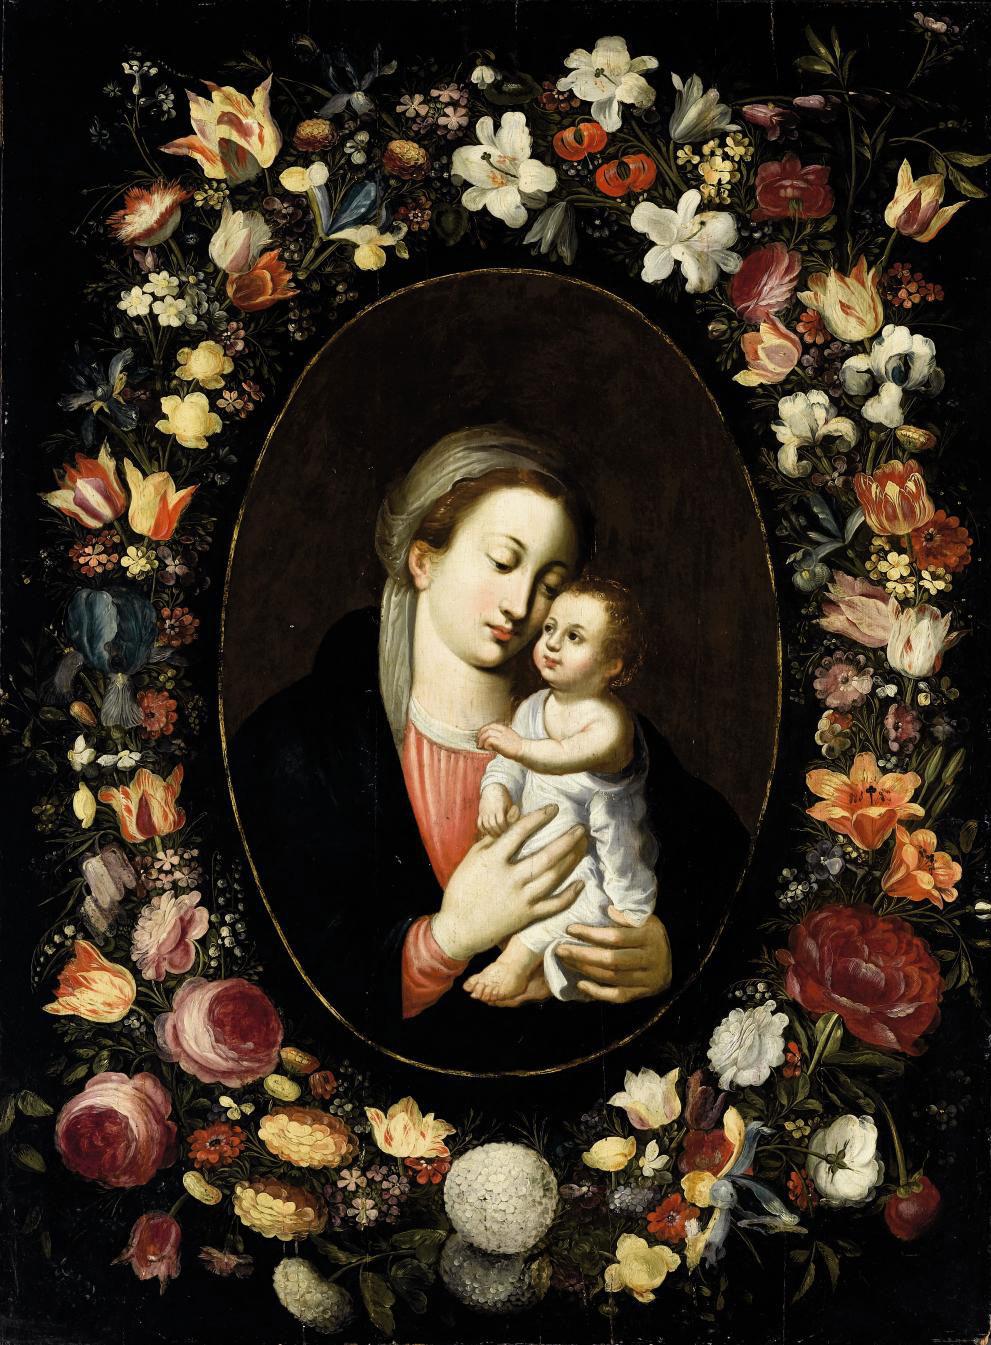 Seguace di Jan Brueghel II